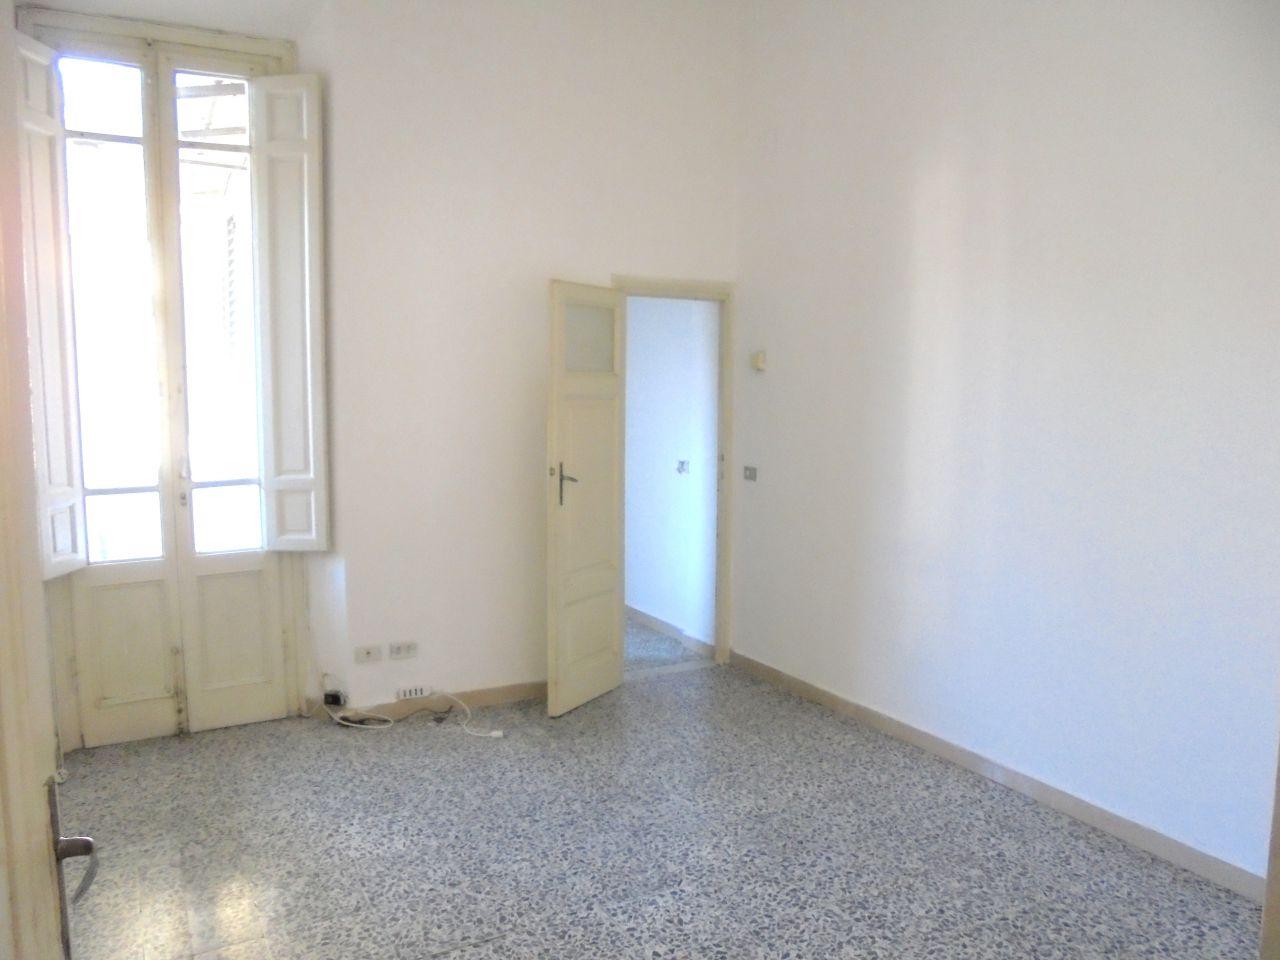 Soluzione Indipendente in affitto a Viareggio, 4 locali, prezzo € 700 | CambioCasa.it